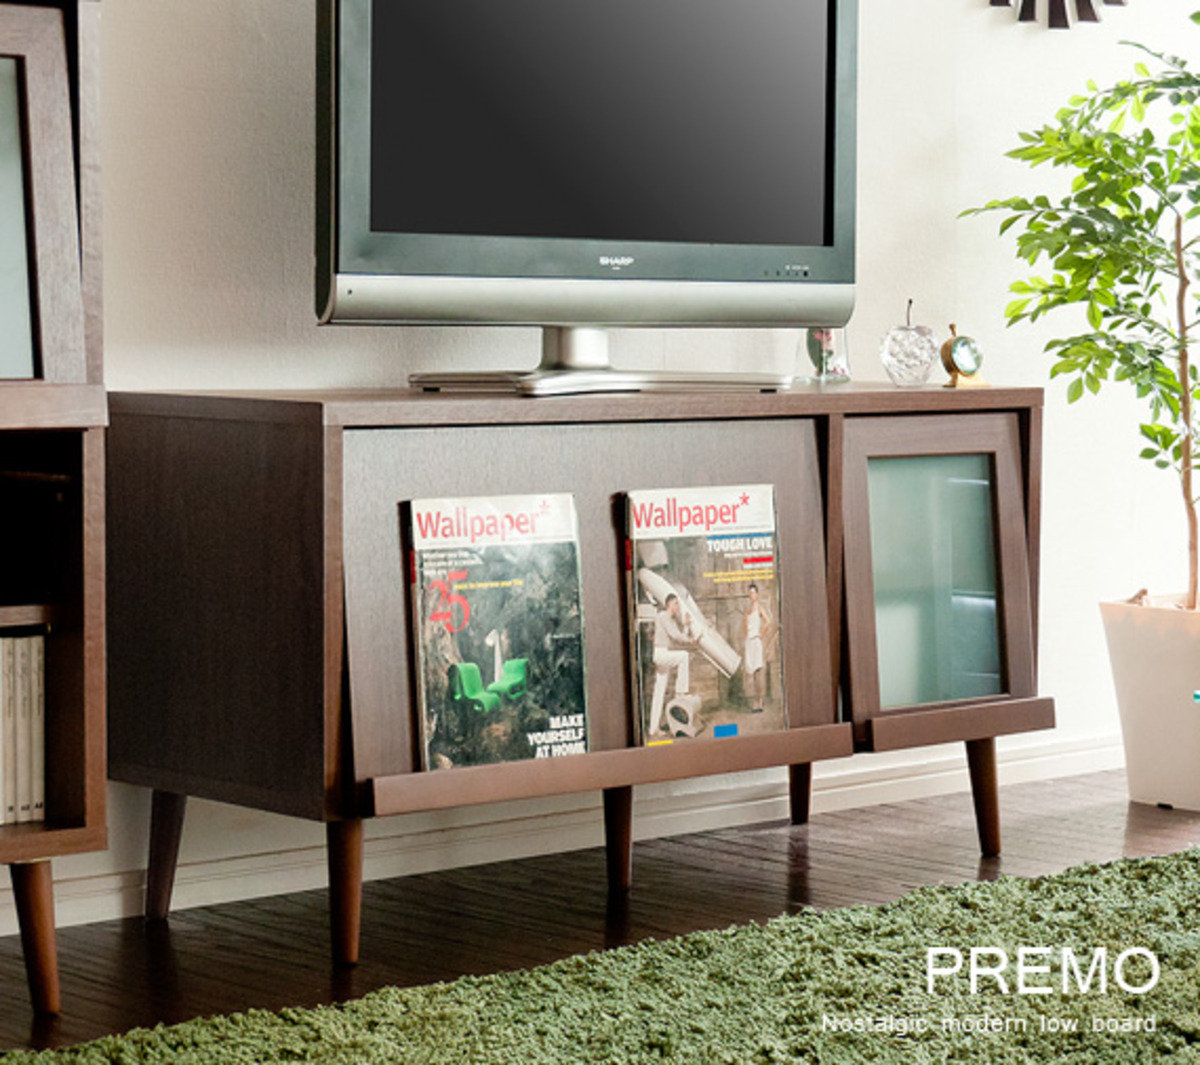 Premo TV地櫃 110cm